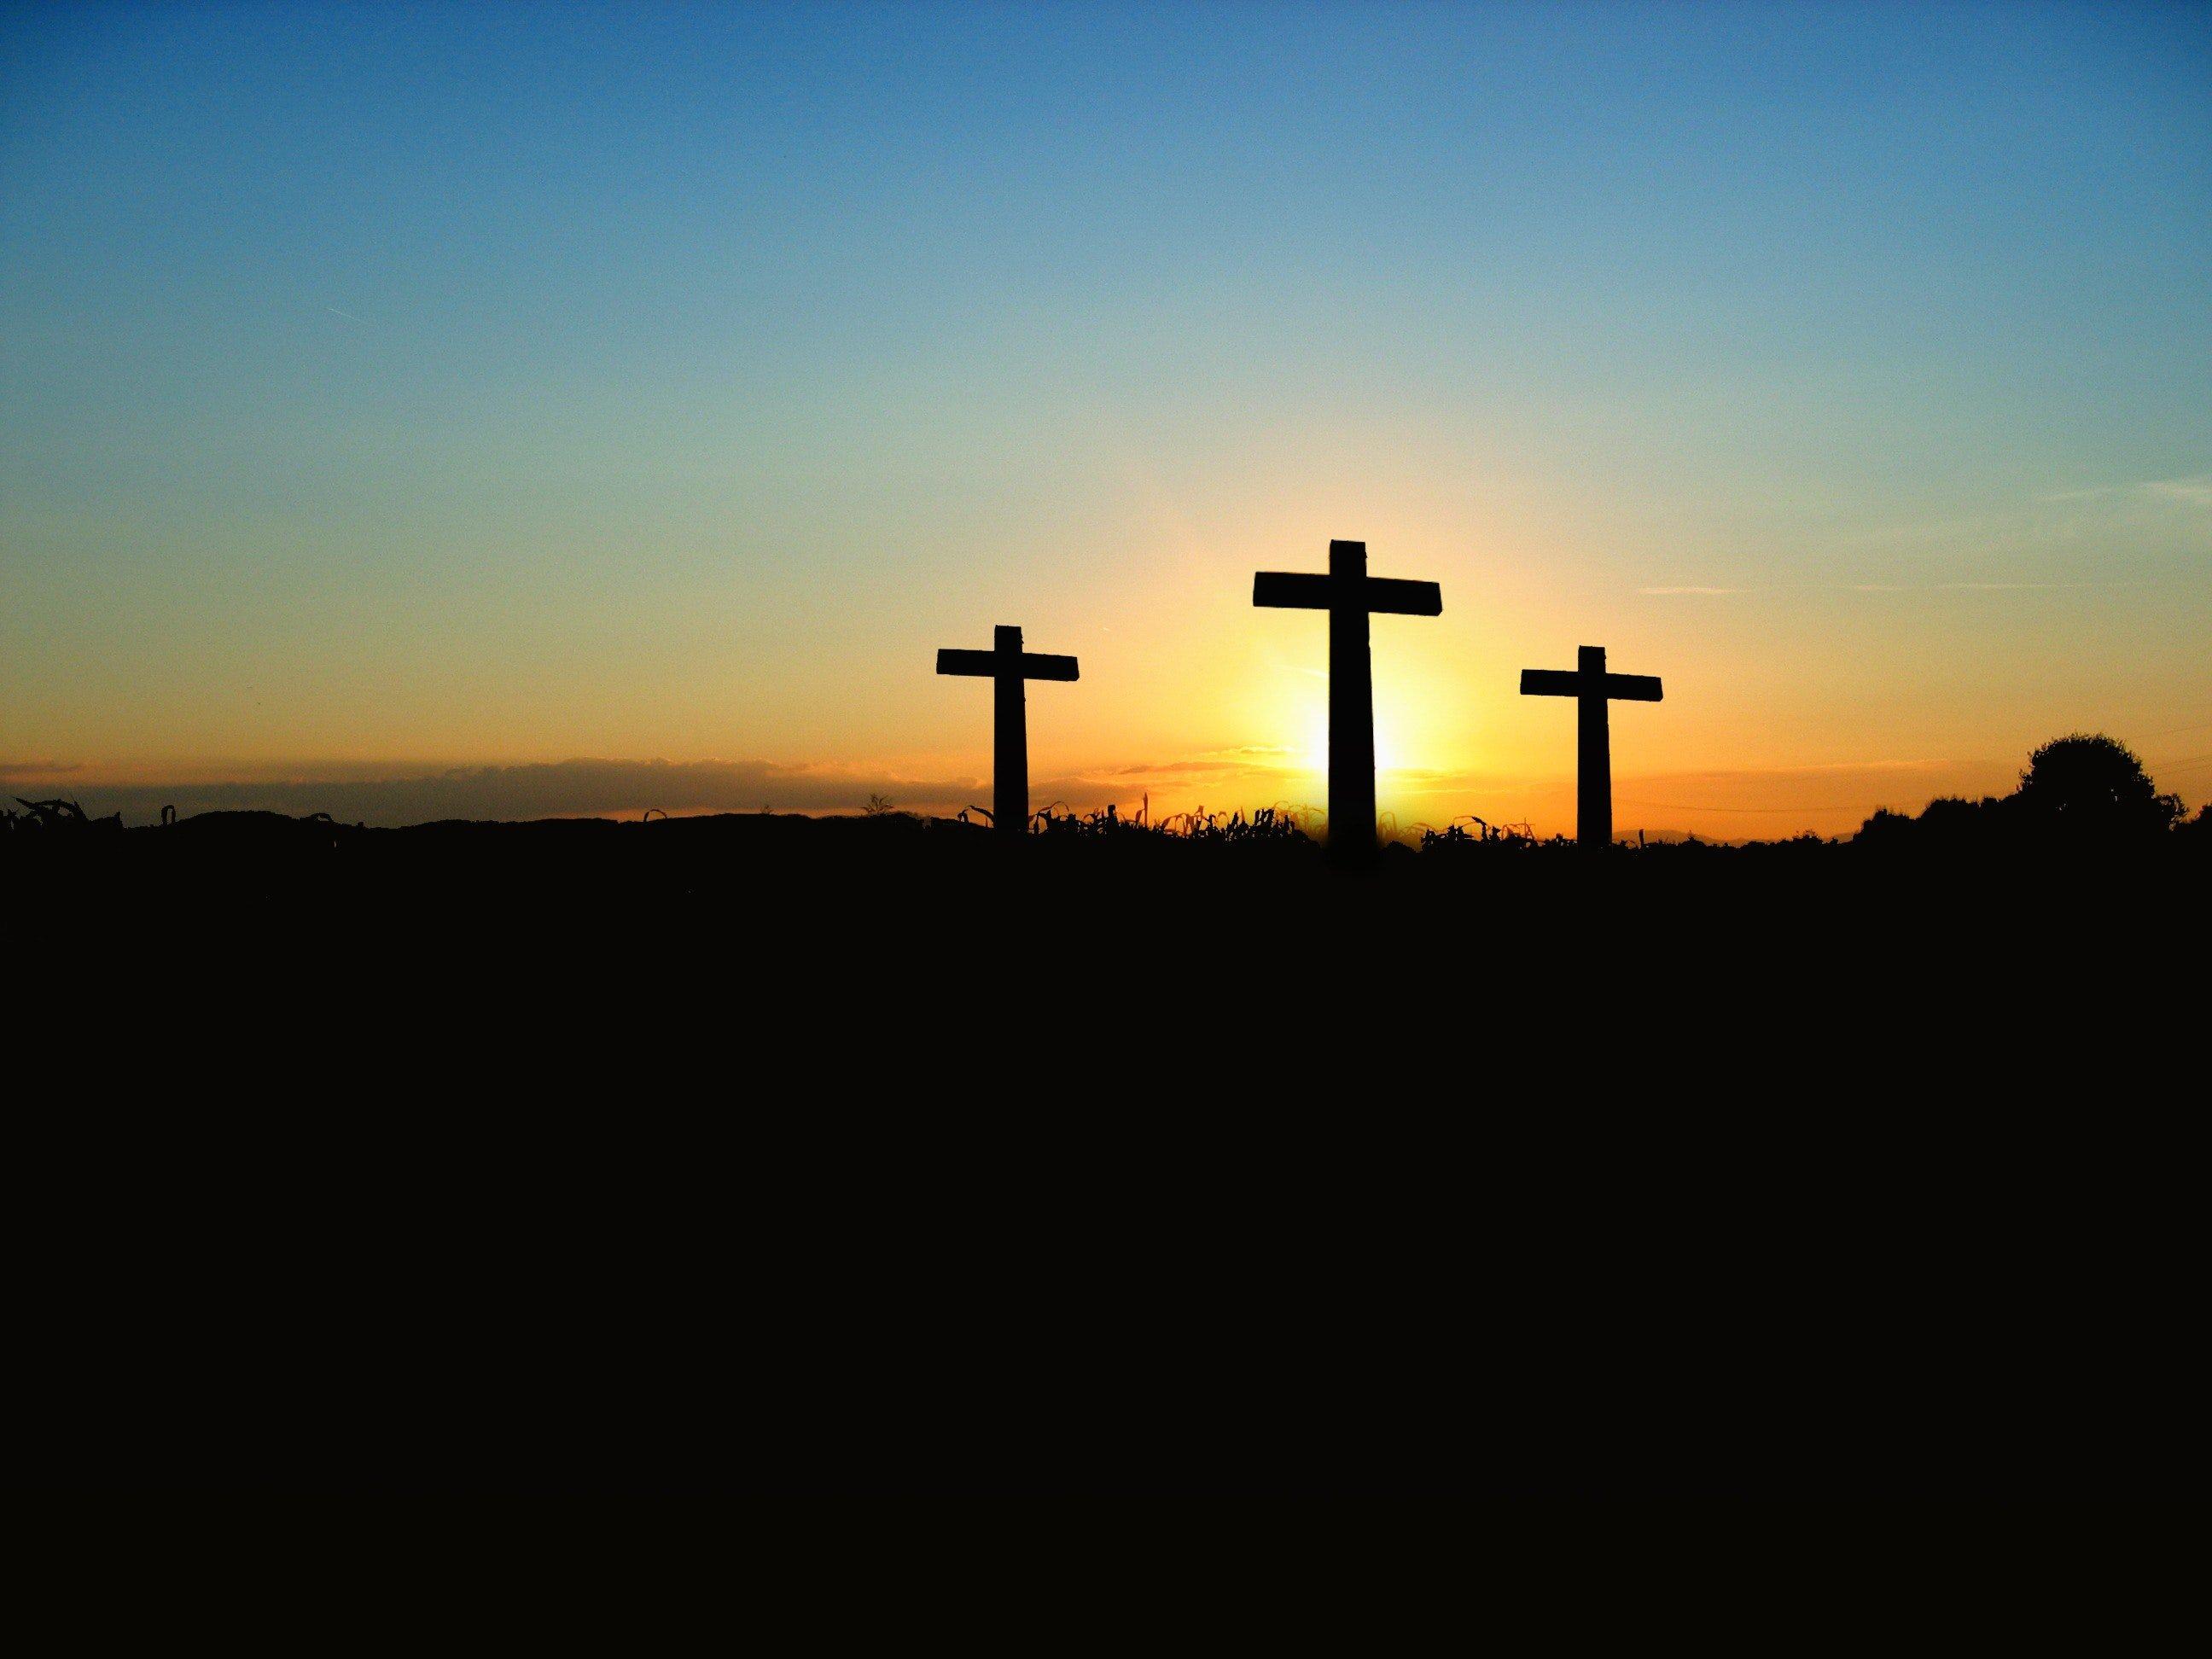 Tres cruces al atardecer. Fuente: Pexels